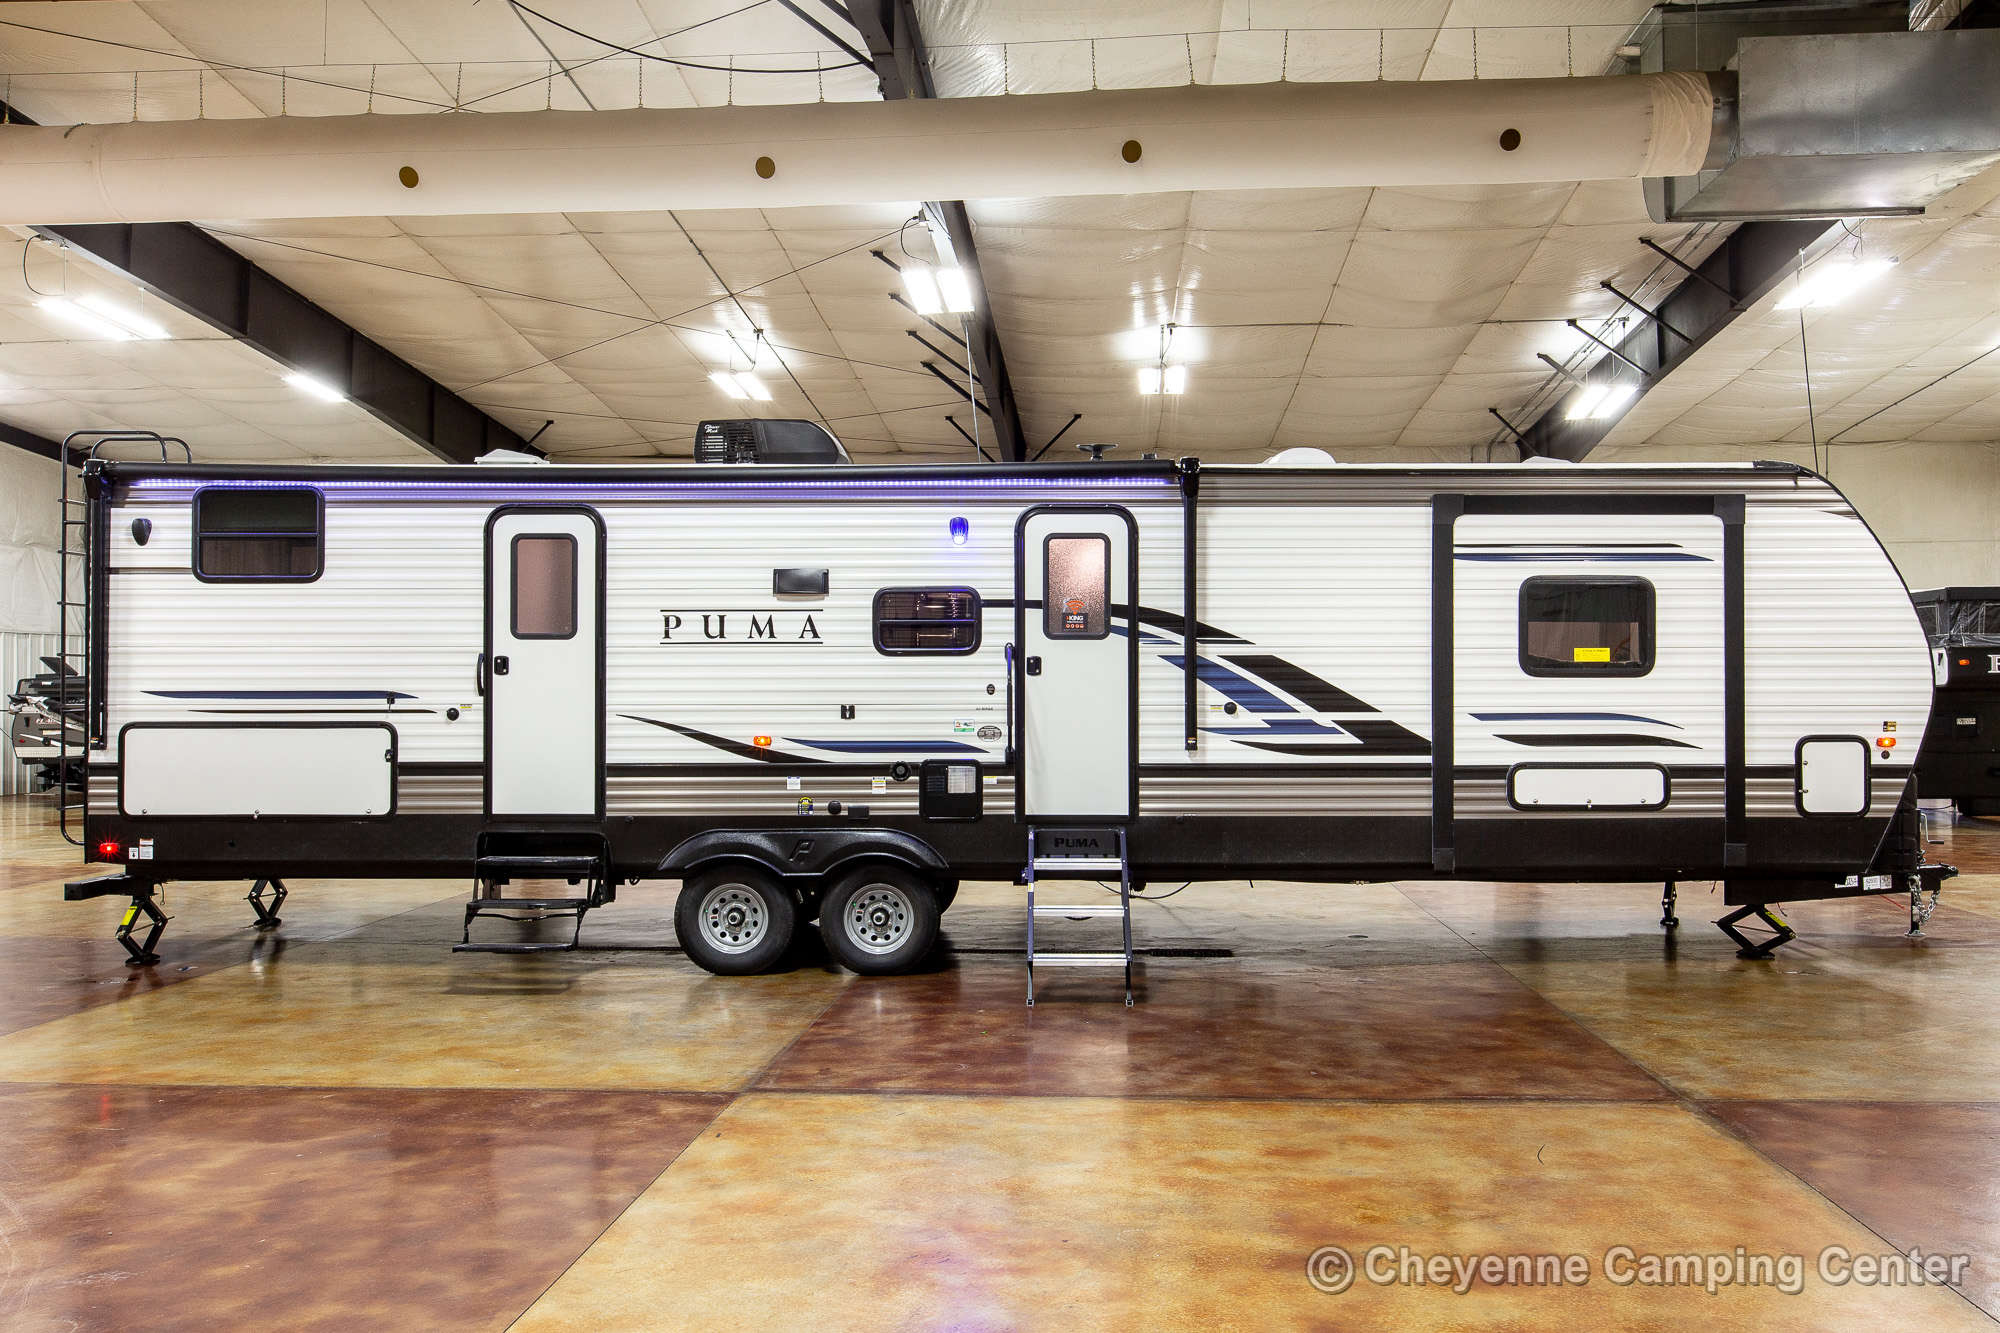 2022 Palomino Puma 32BHQS Bunkhouse Travel Trailer Exterior Image